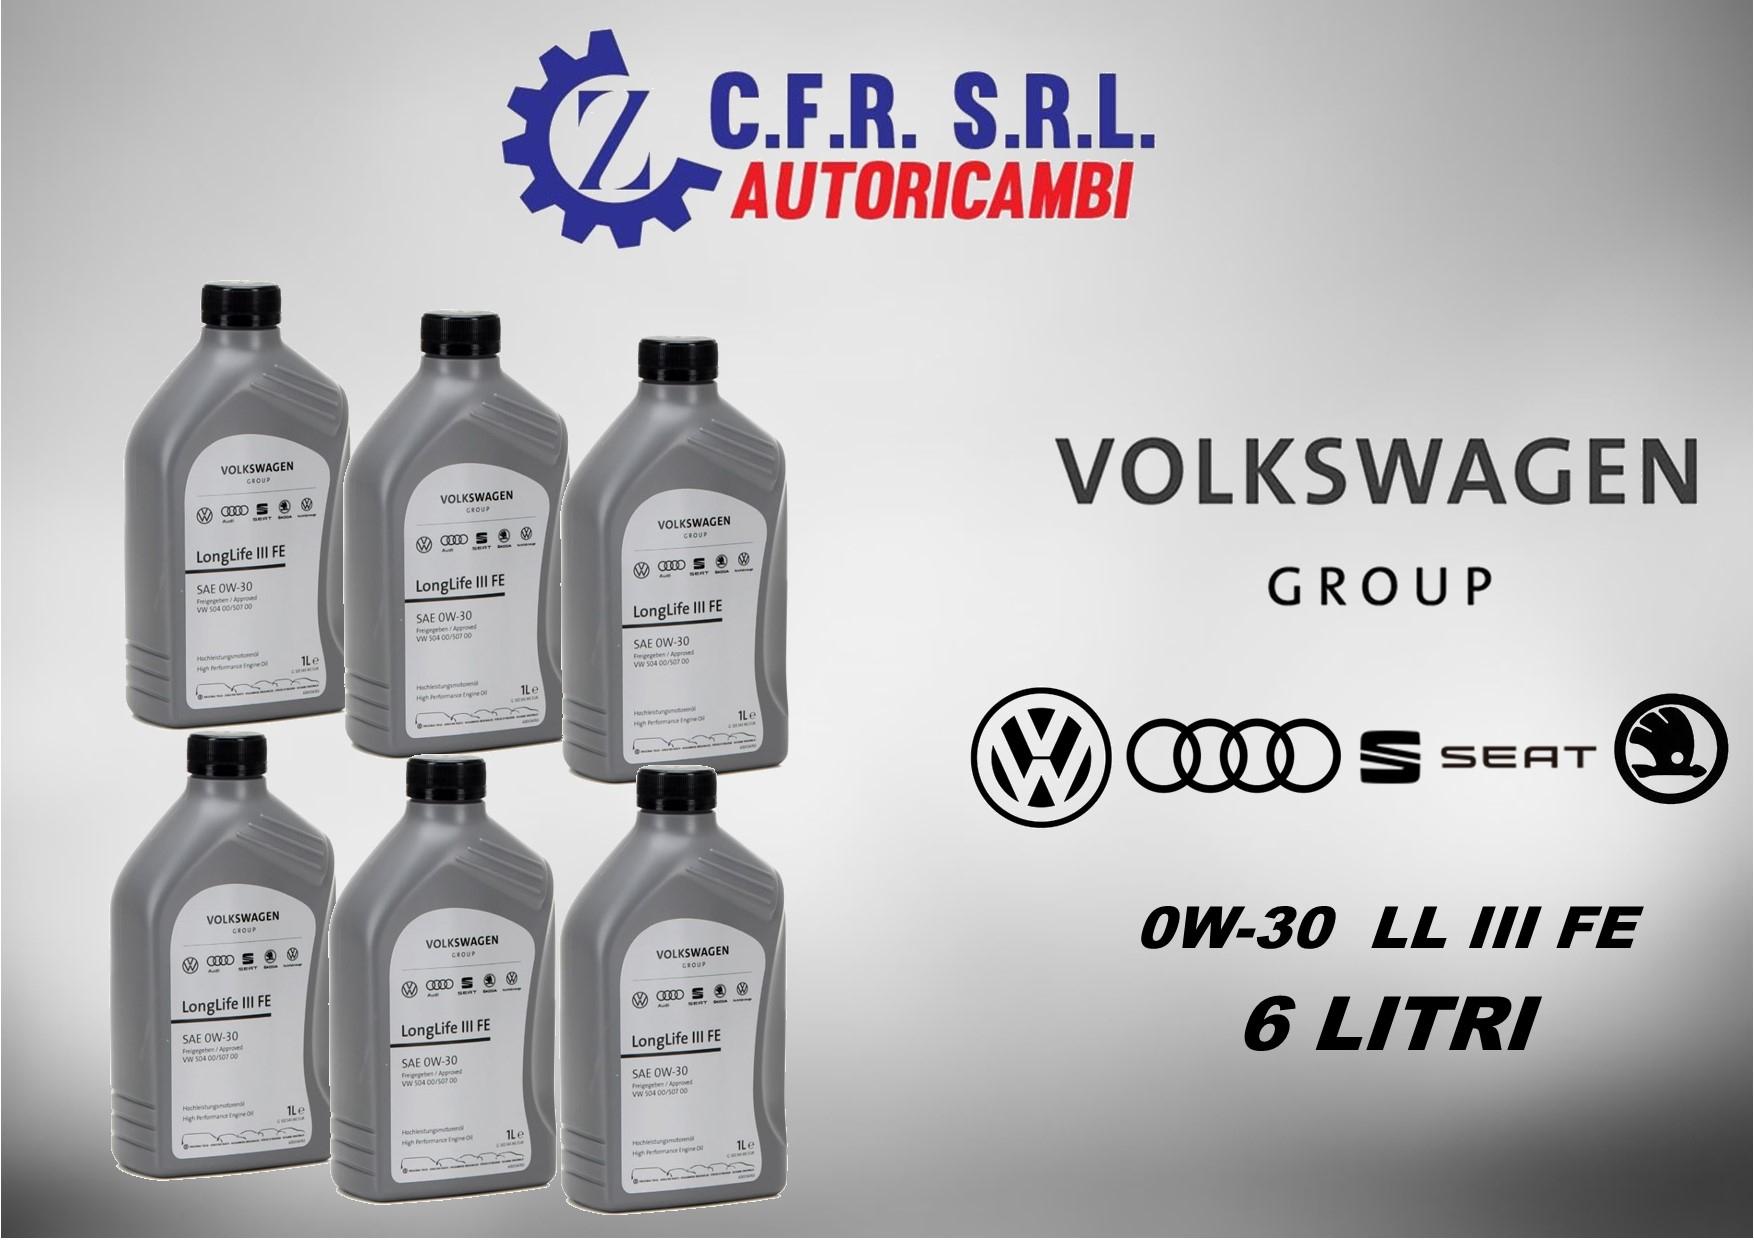 6PZ OLIO LUBRIFICANTE VW 0W-30 ORIGINALE